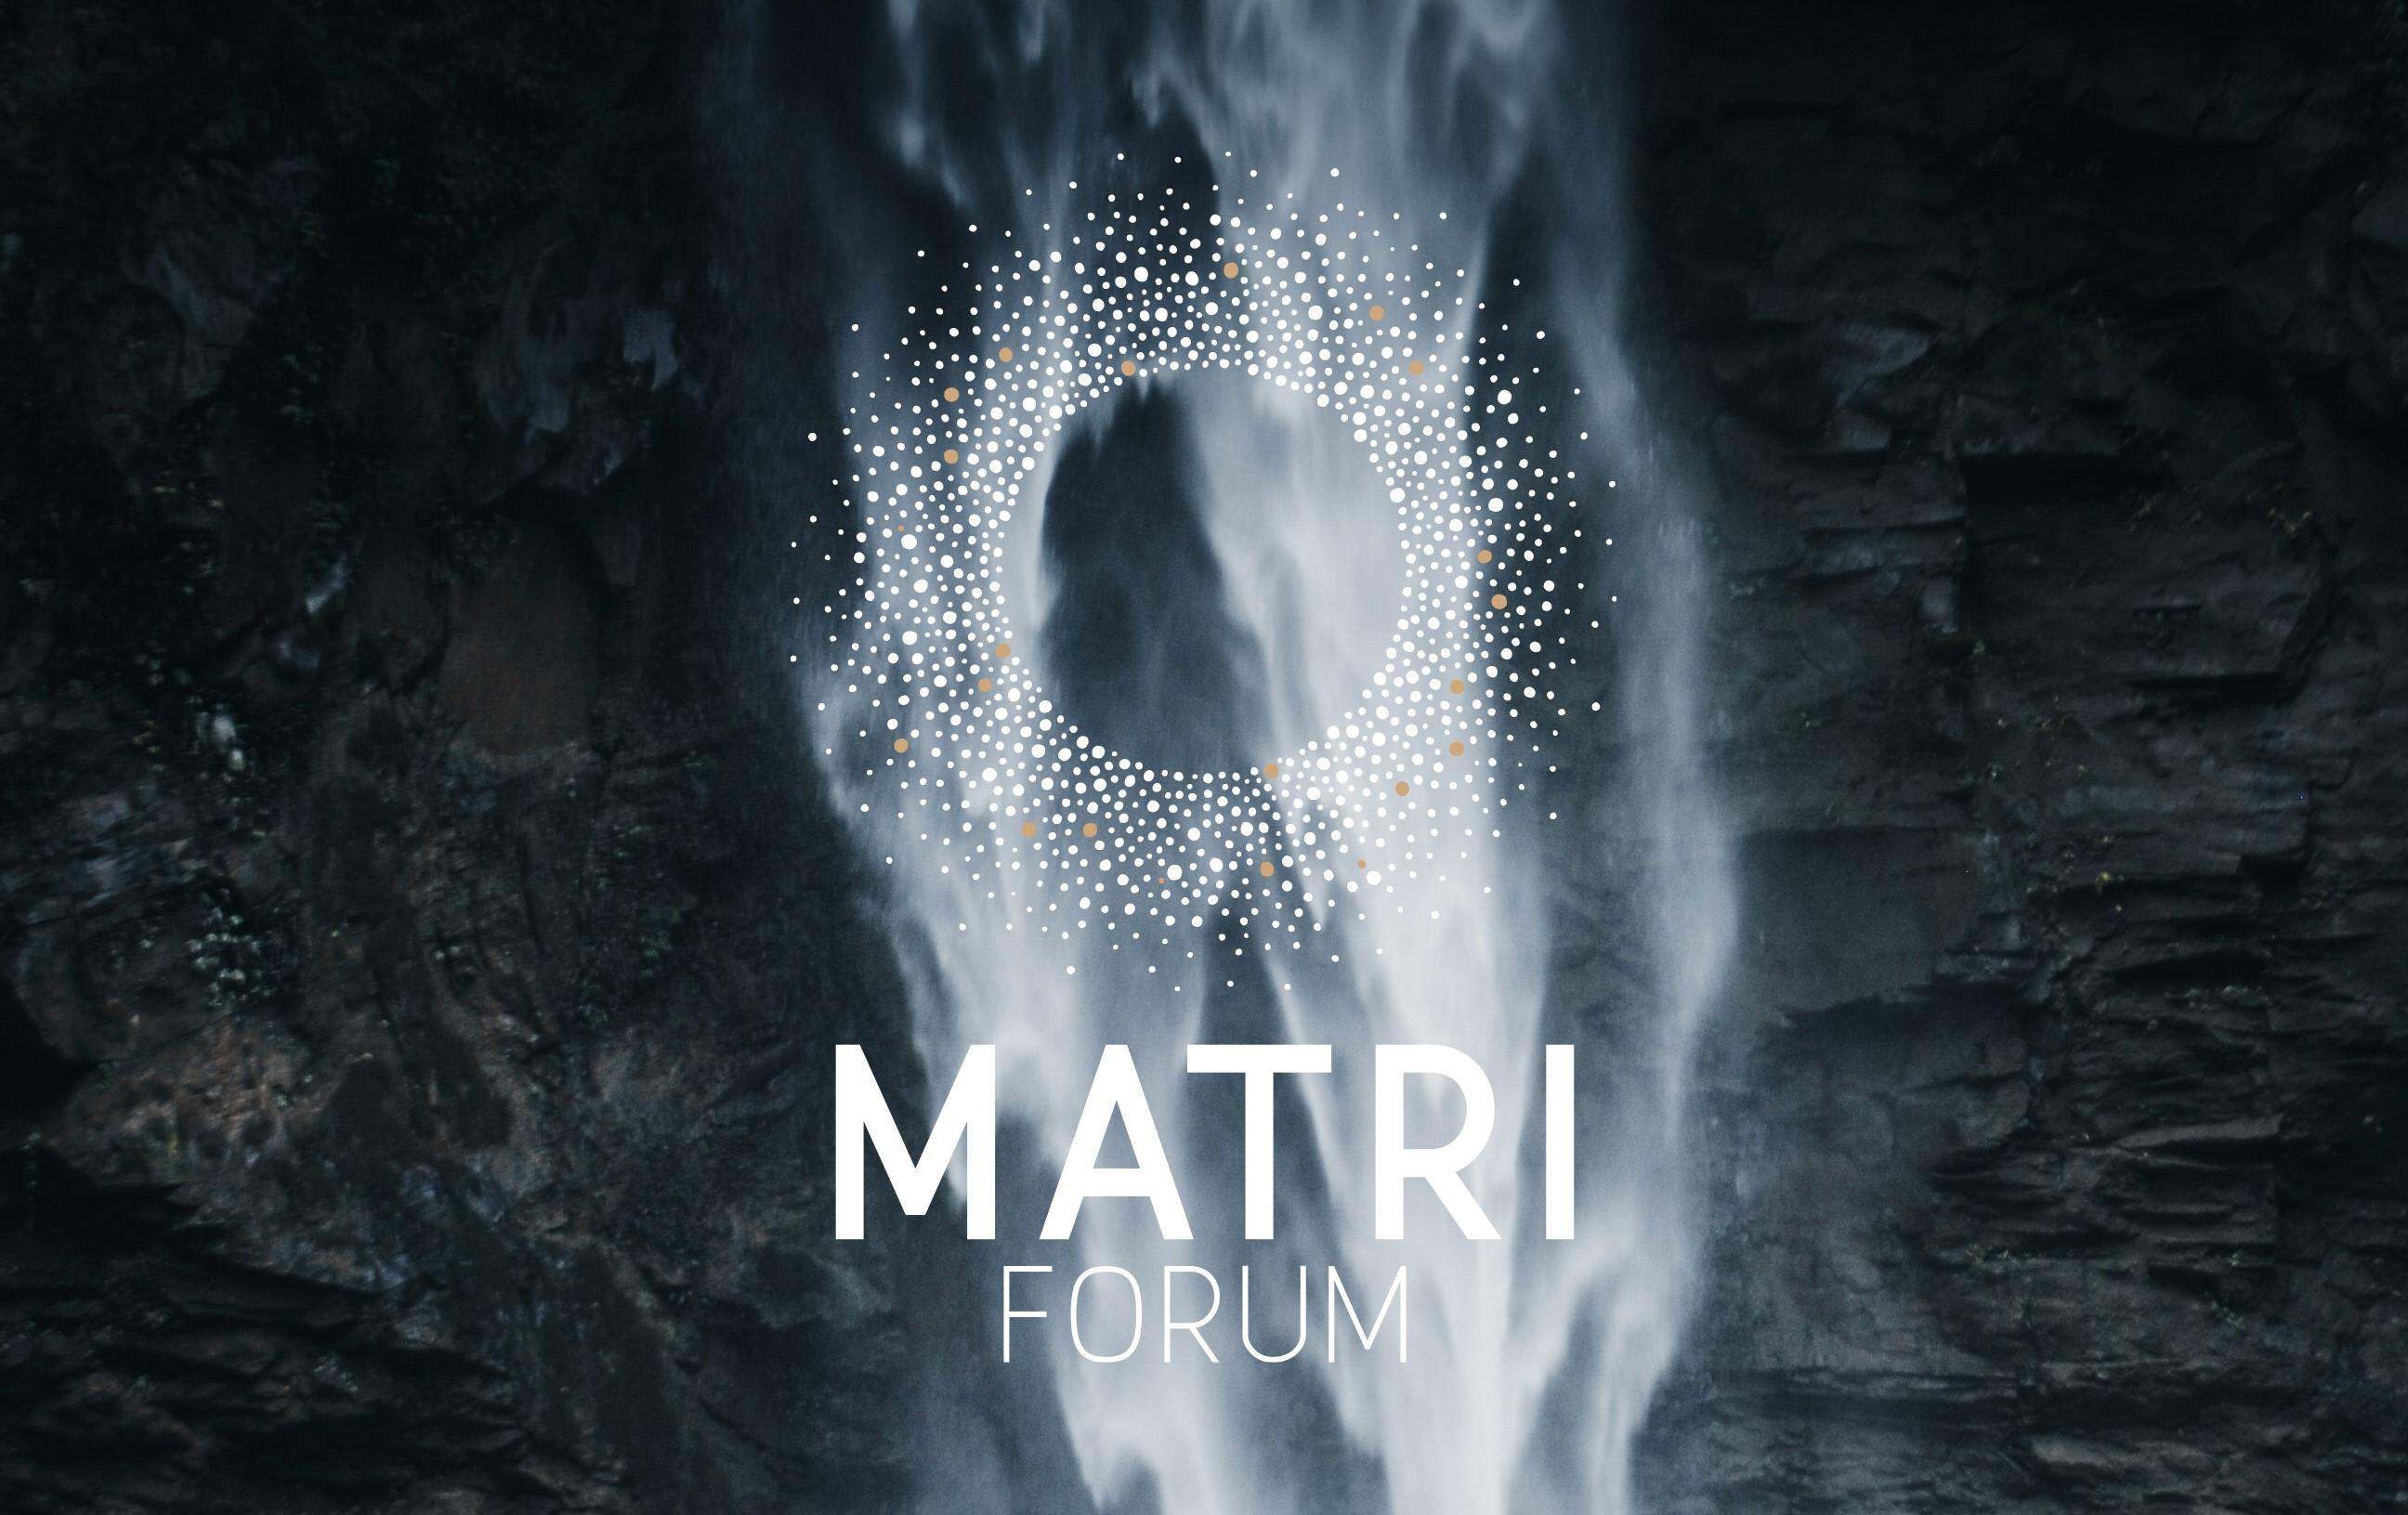 Matriforum waterfall